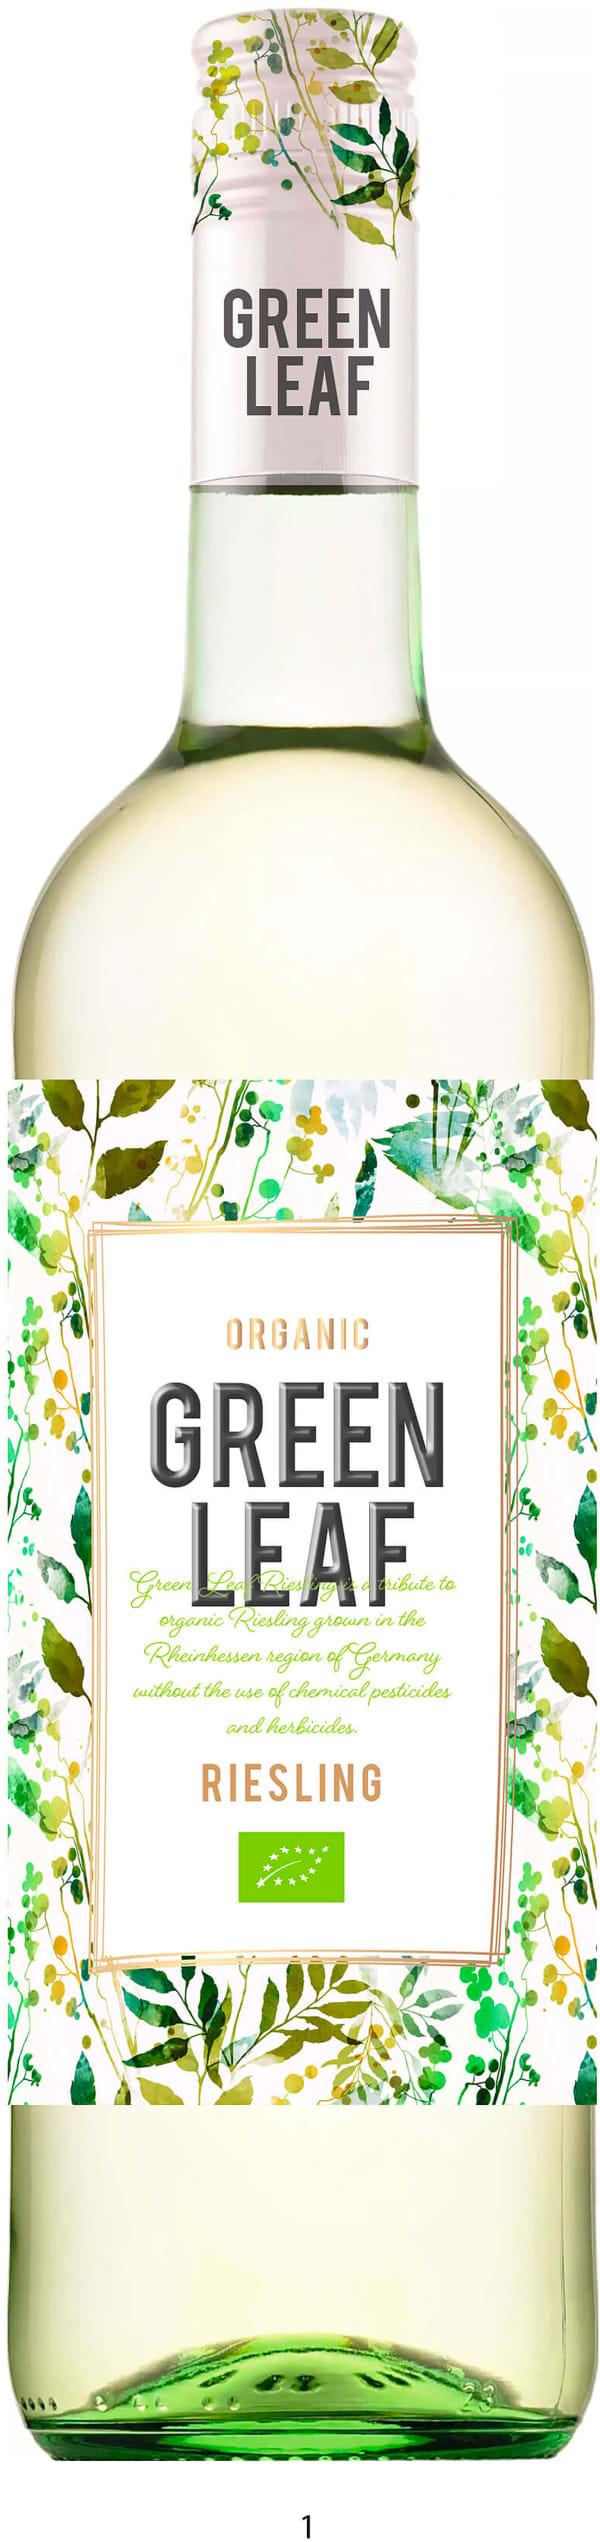 Greenleaf Organic Riesling 2017